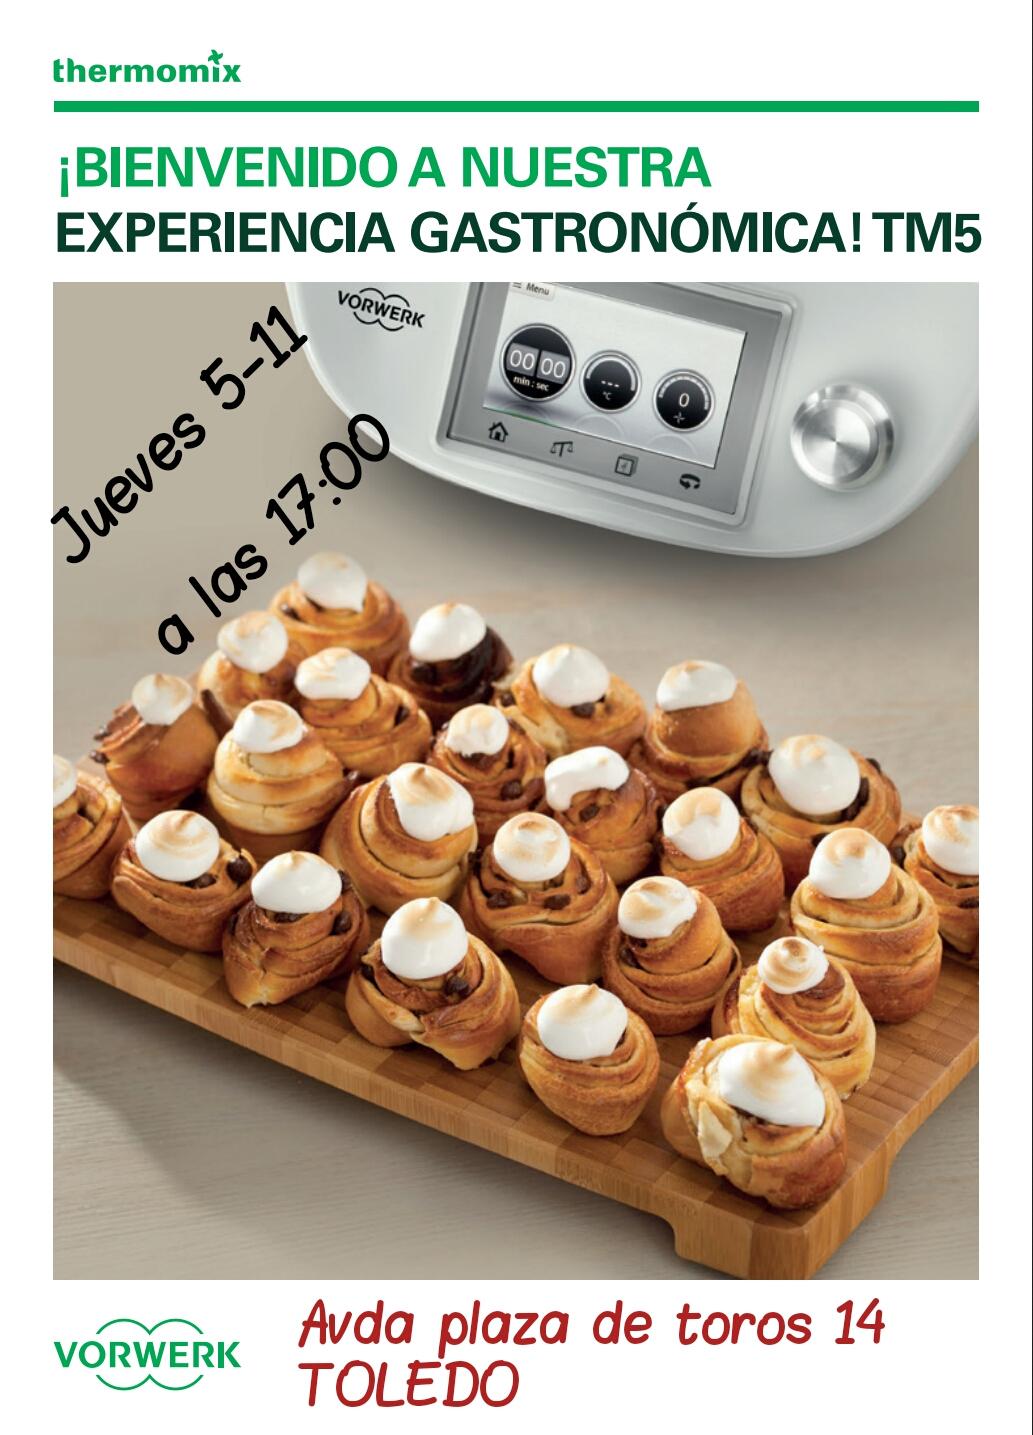 FINALIZADO - NUEVA CLASE DE COCINA EN TOLEDO PARA NUEVOS CLIENTES DE Thermomix®